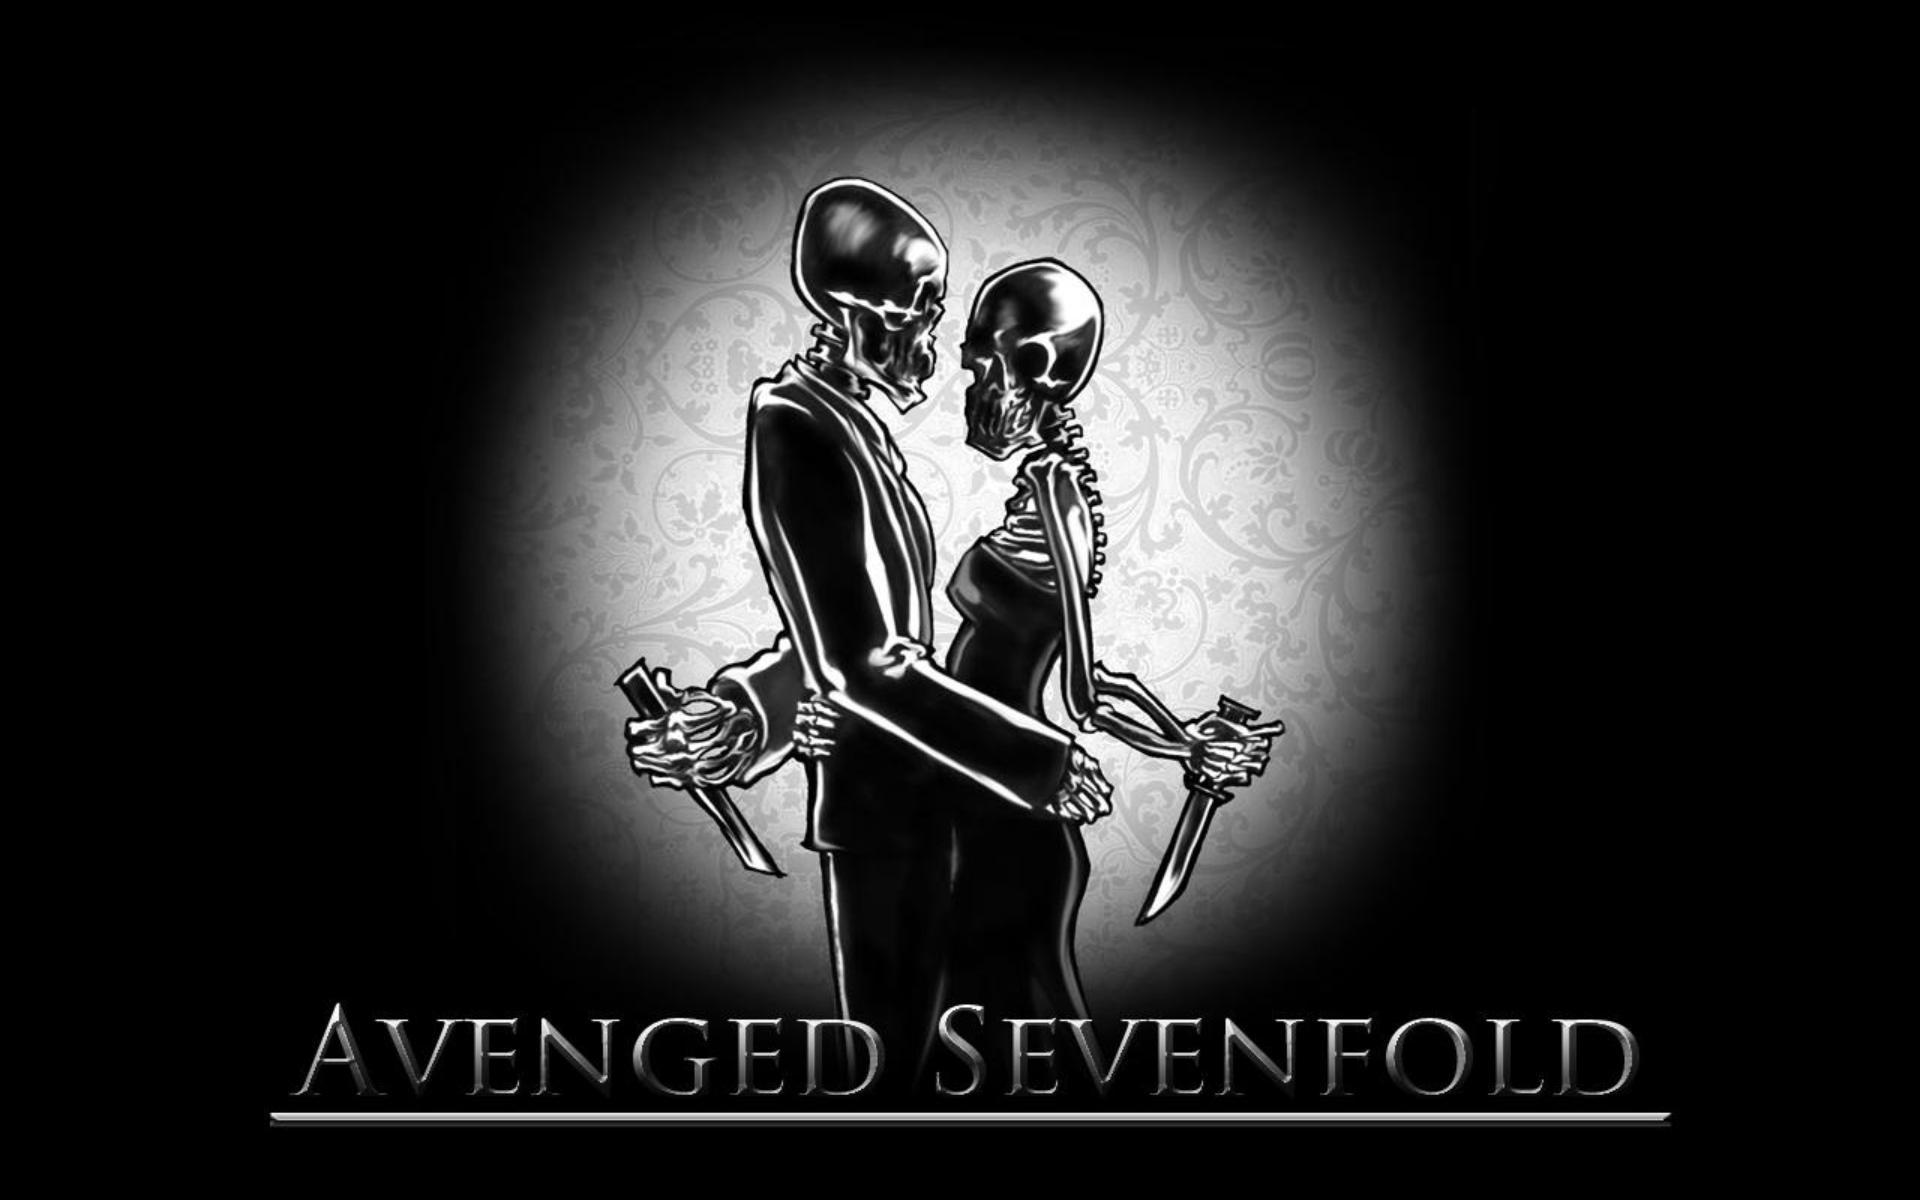 Avenged sevenfold wallpaper 22474 1920x1200 px hdwallsource avenged sevenfold wallpaper 22474 voltagebd Images